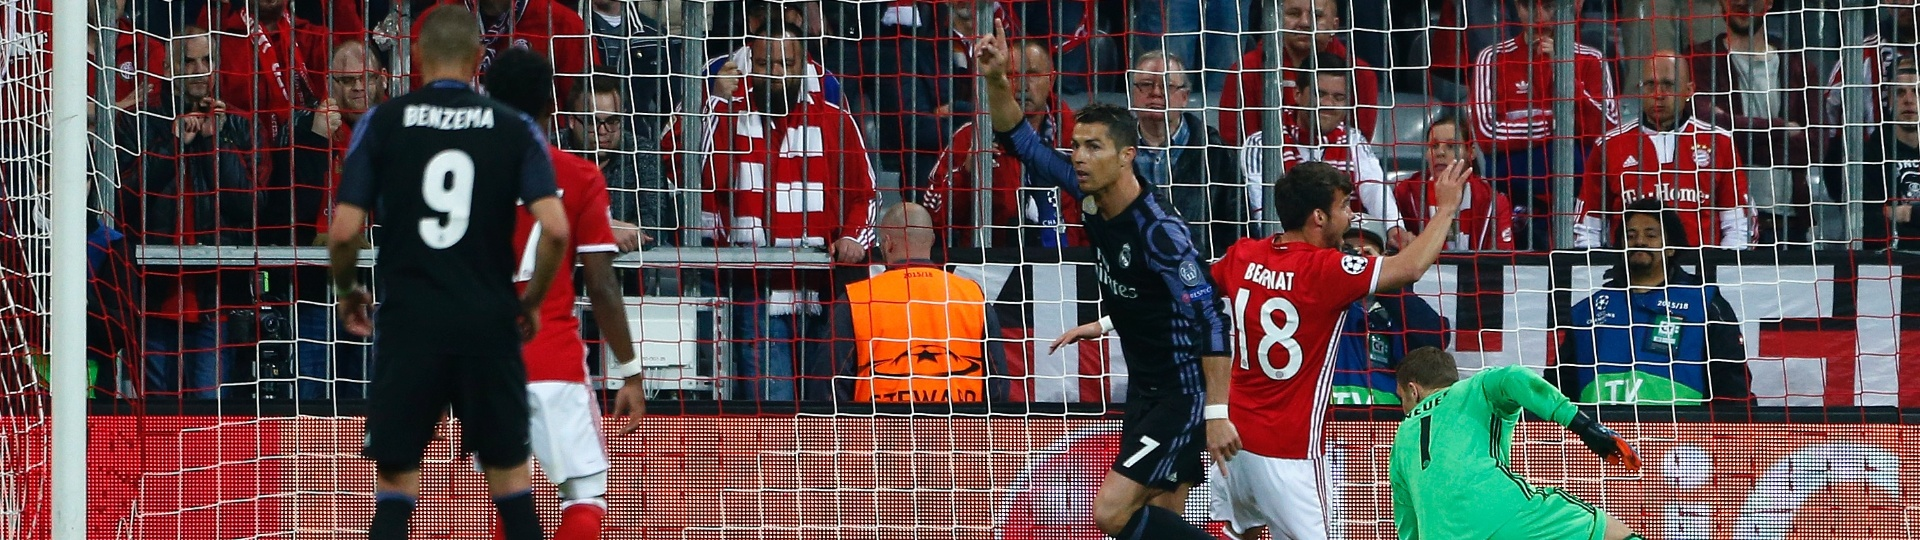 Cristiano Ronaldo comemora após marcar o segundo gol do Real Madrid contra o Bayern